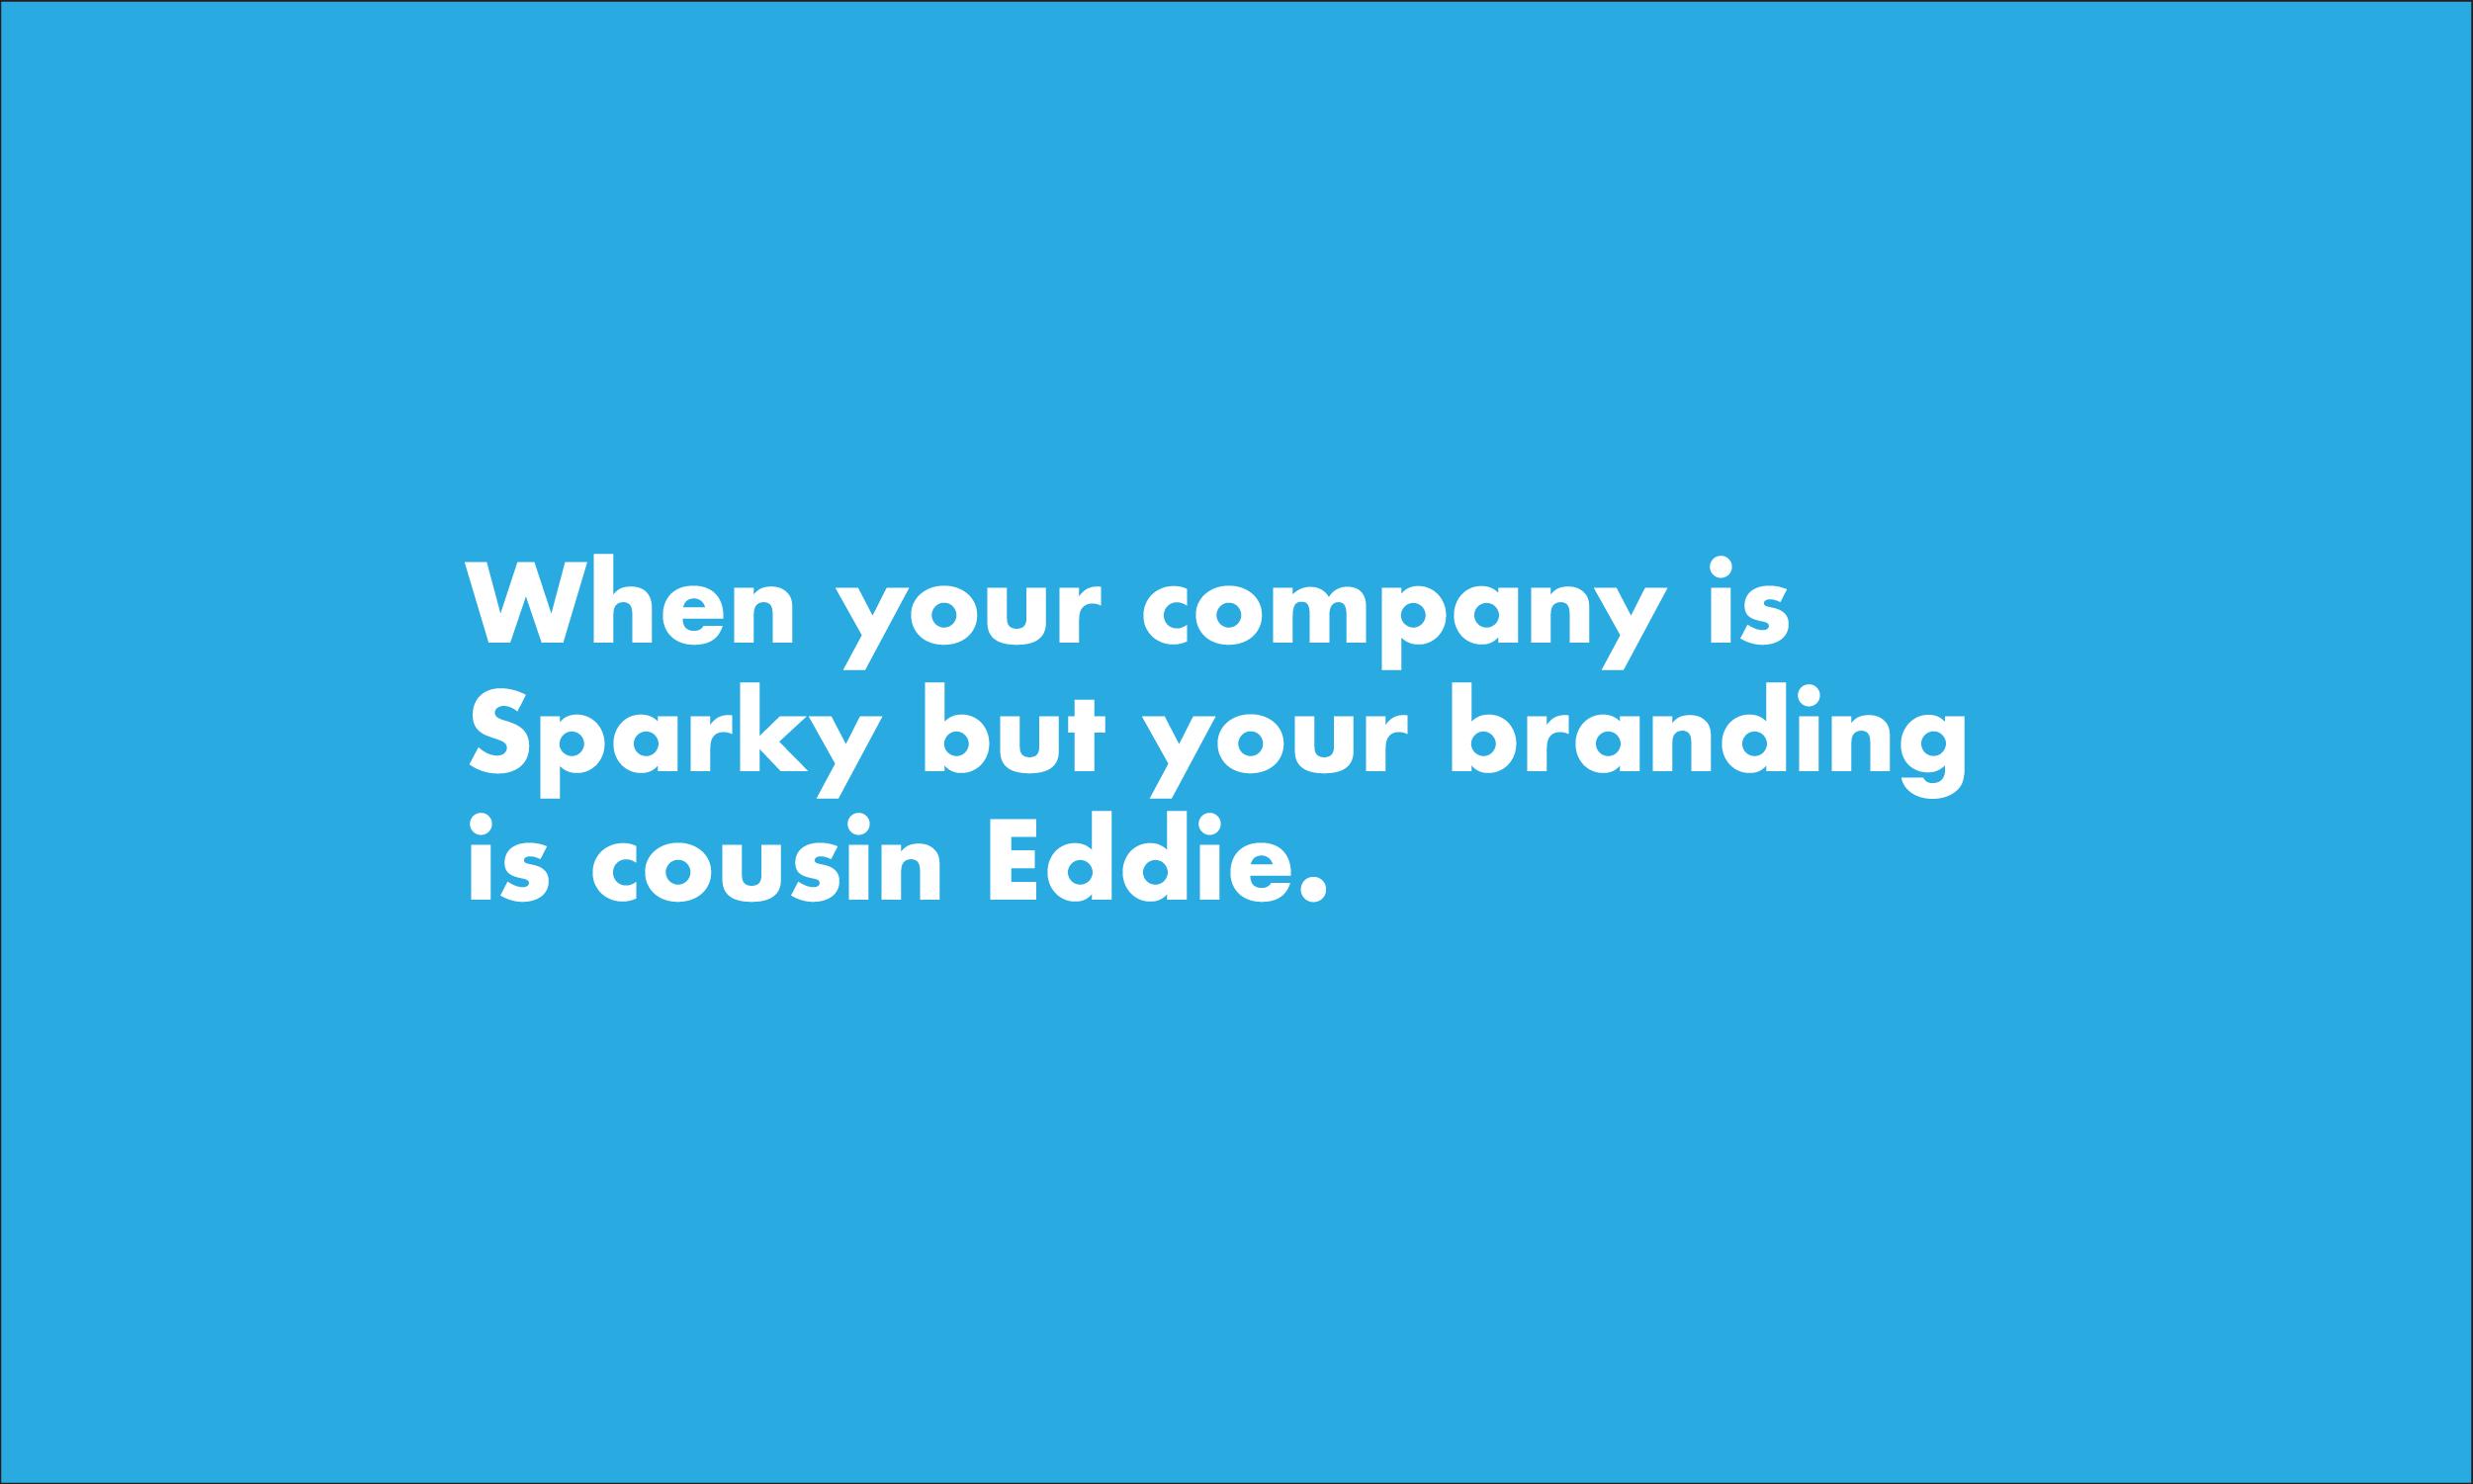 Cousin Eddie